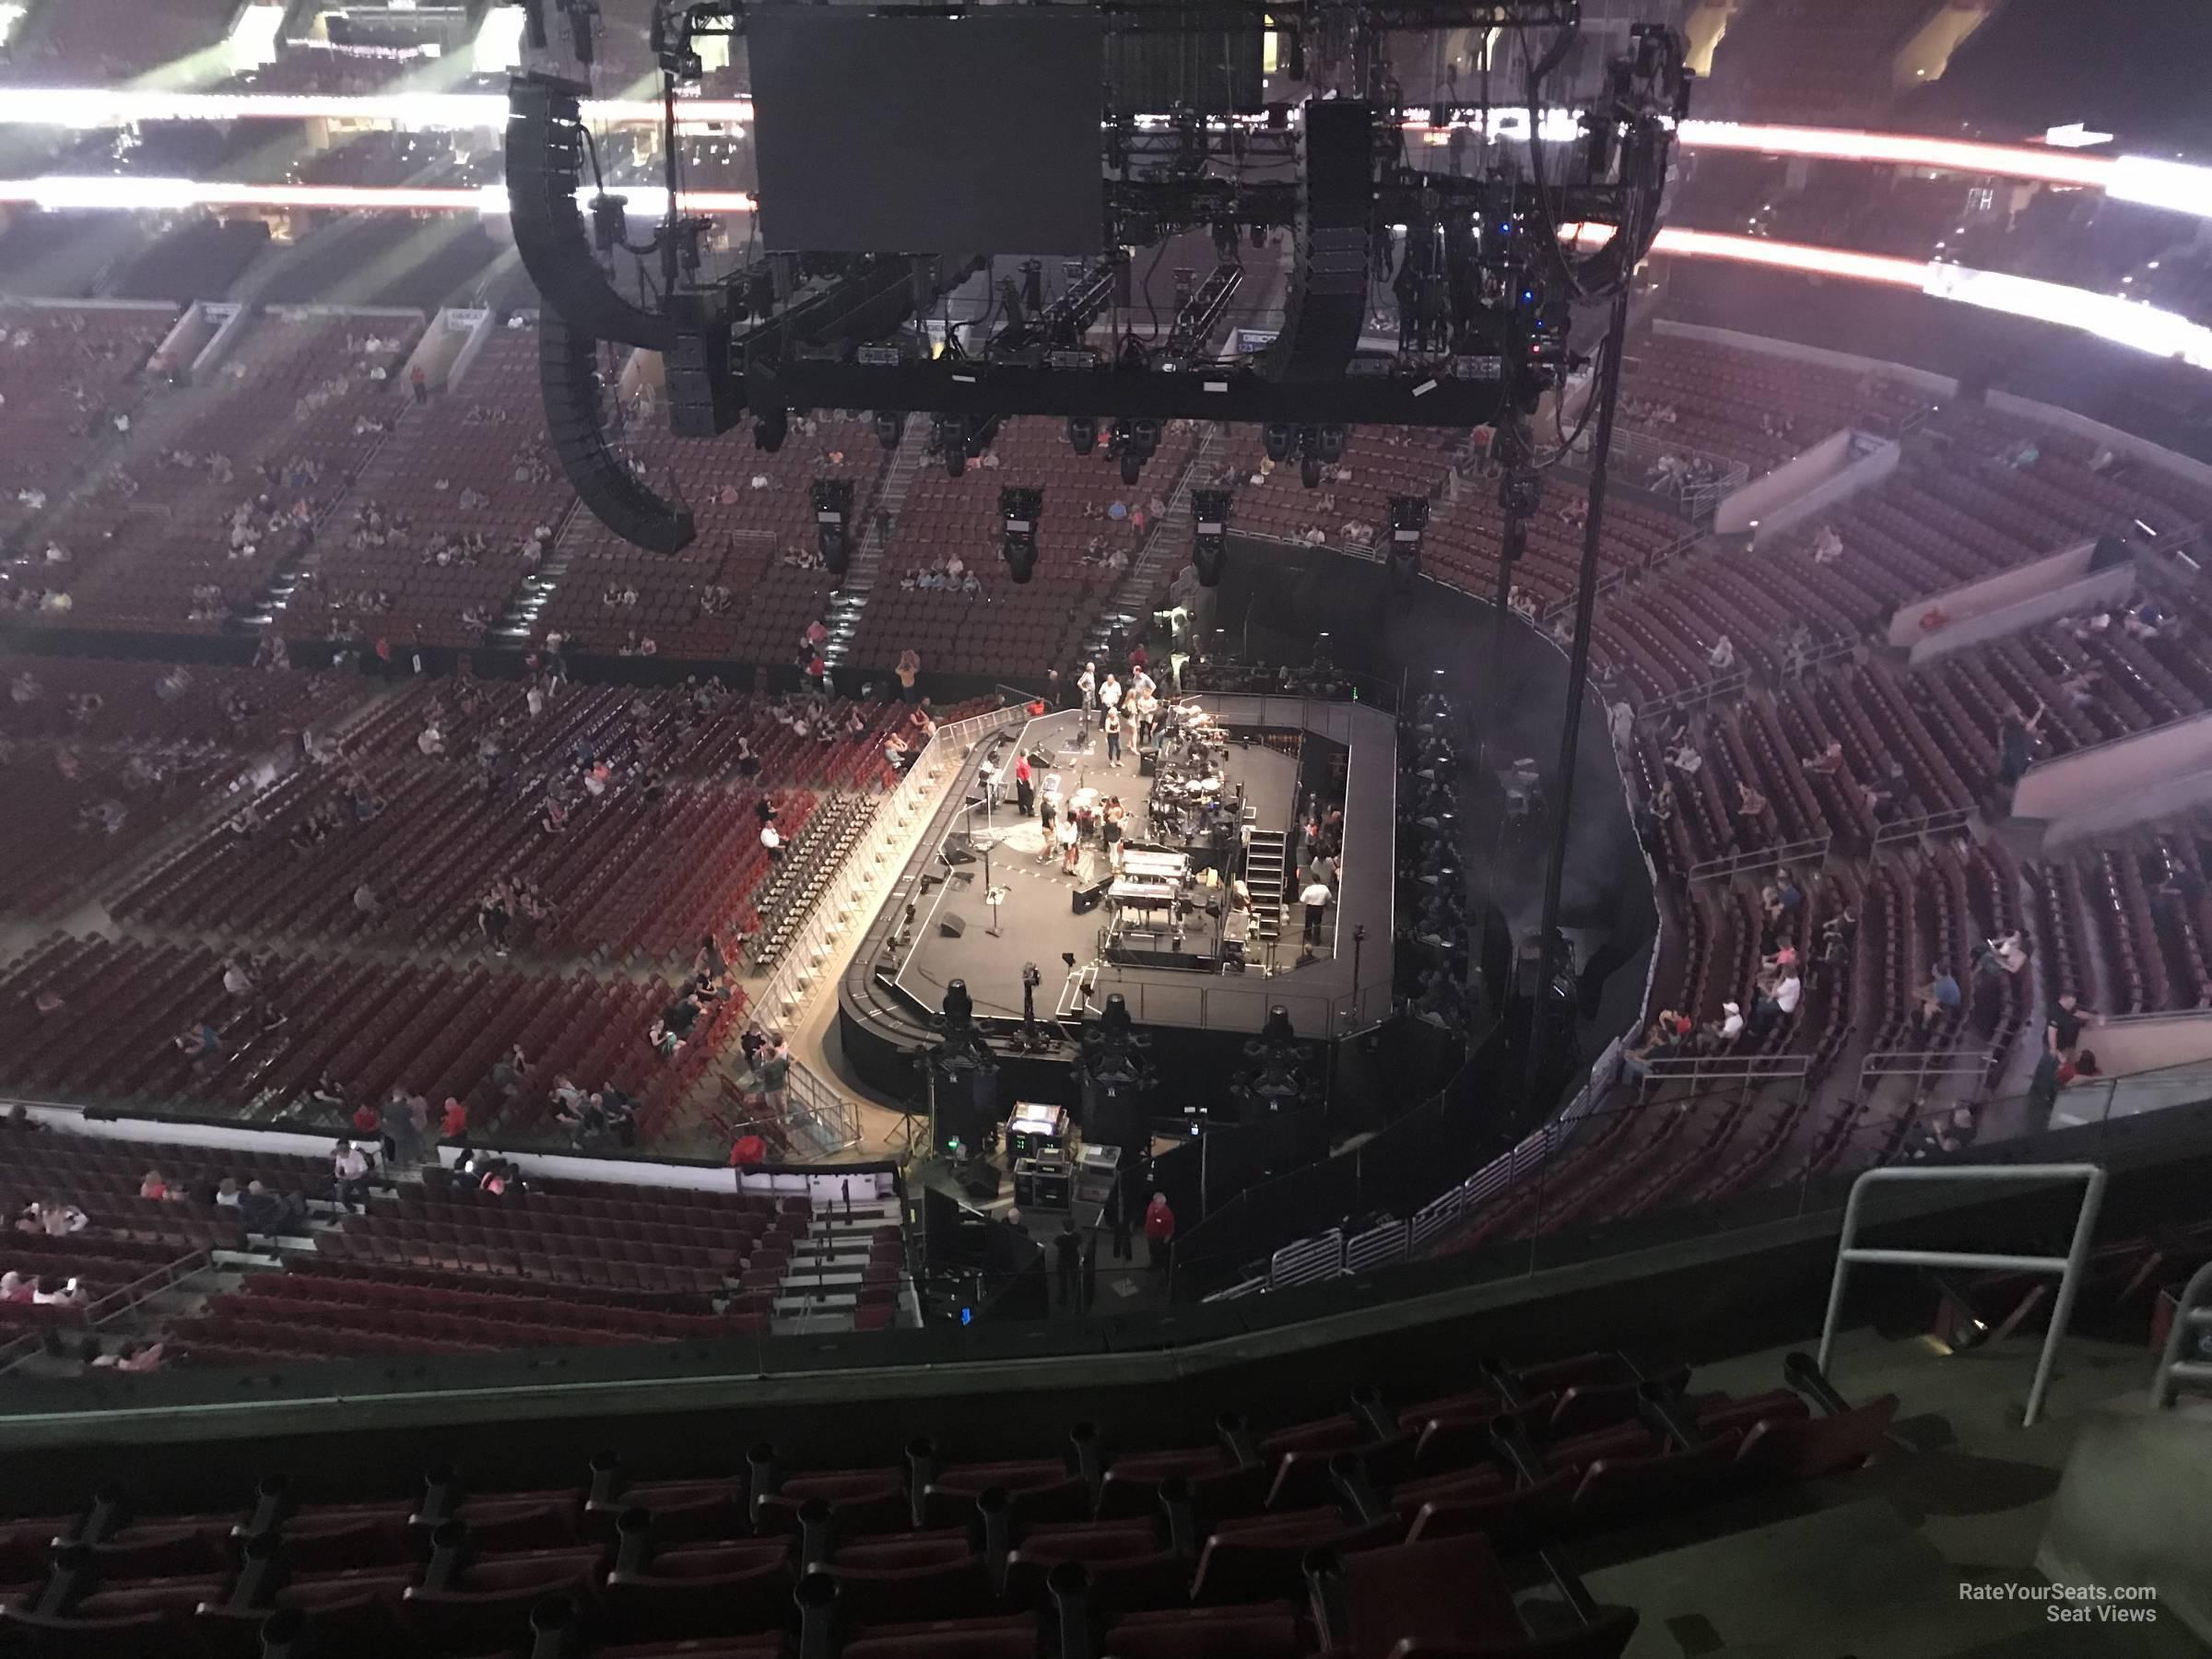 Wells Fargo Center Section 215 Concert